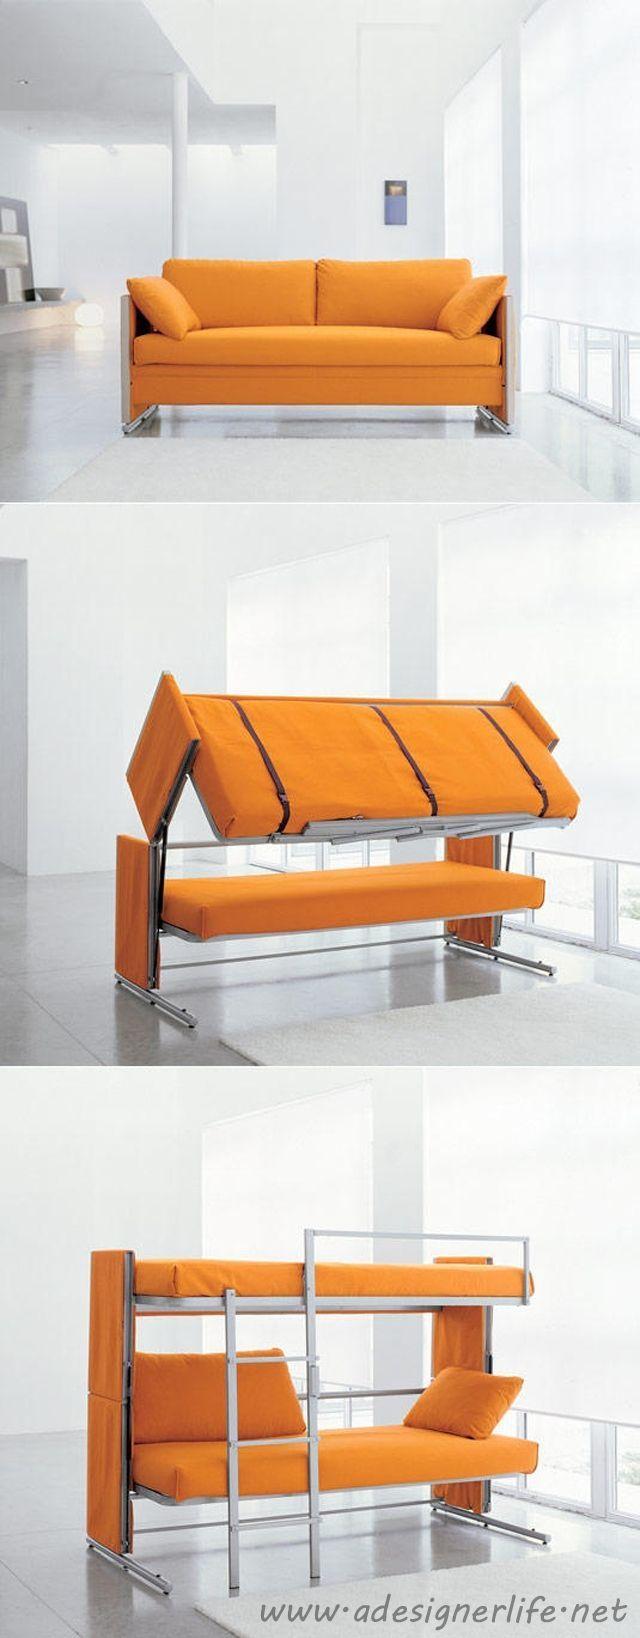 Die besten 25+ Sofa bed for everyday use Ideen auf Pinterest